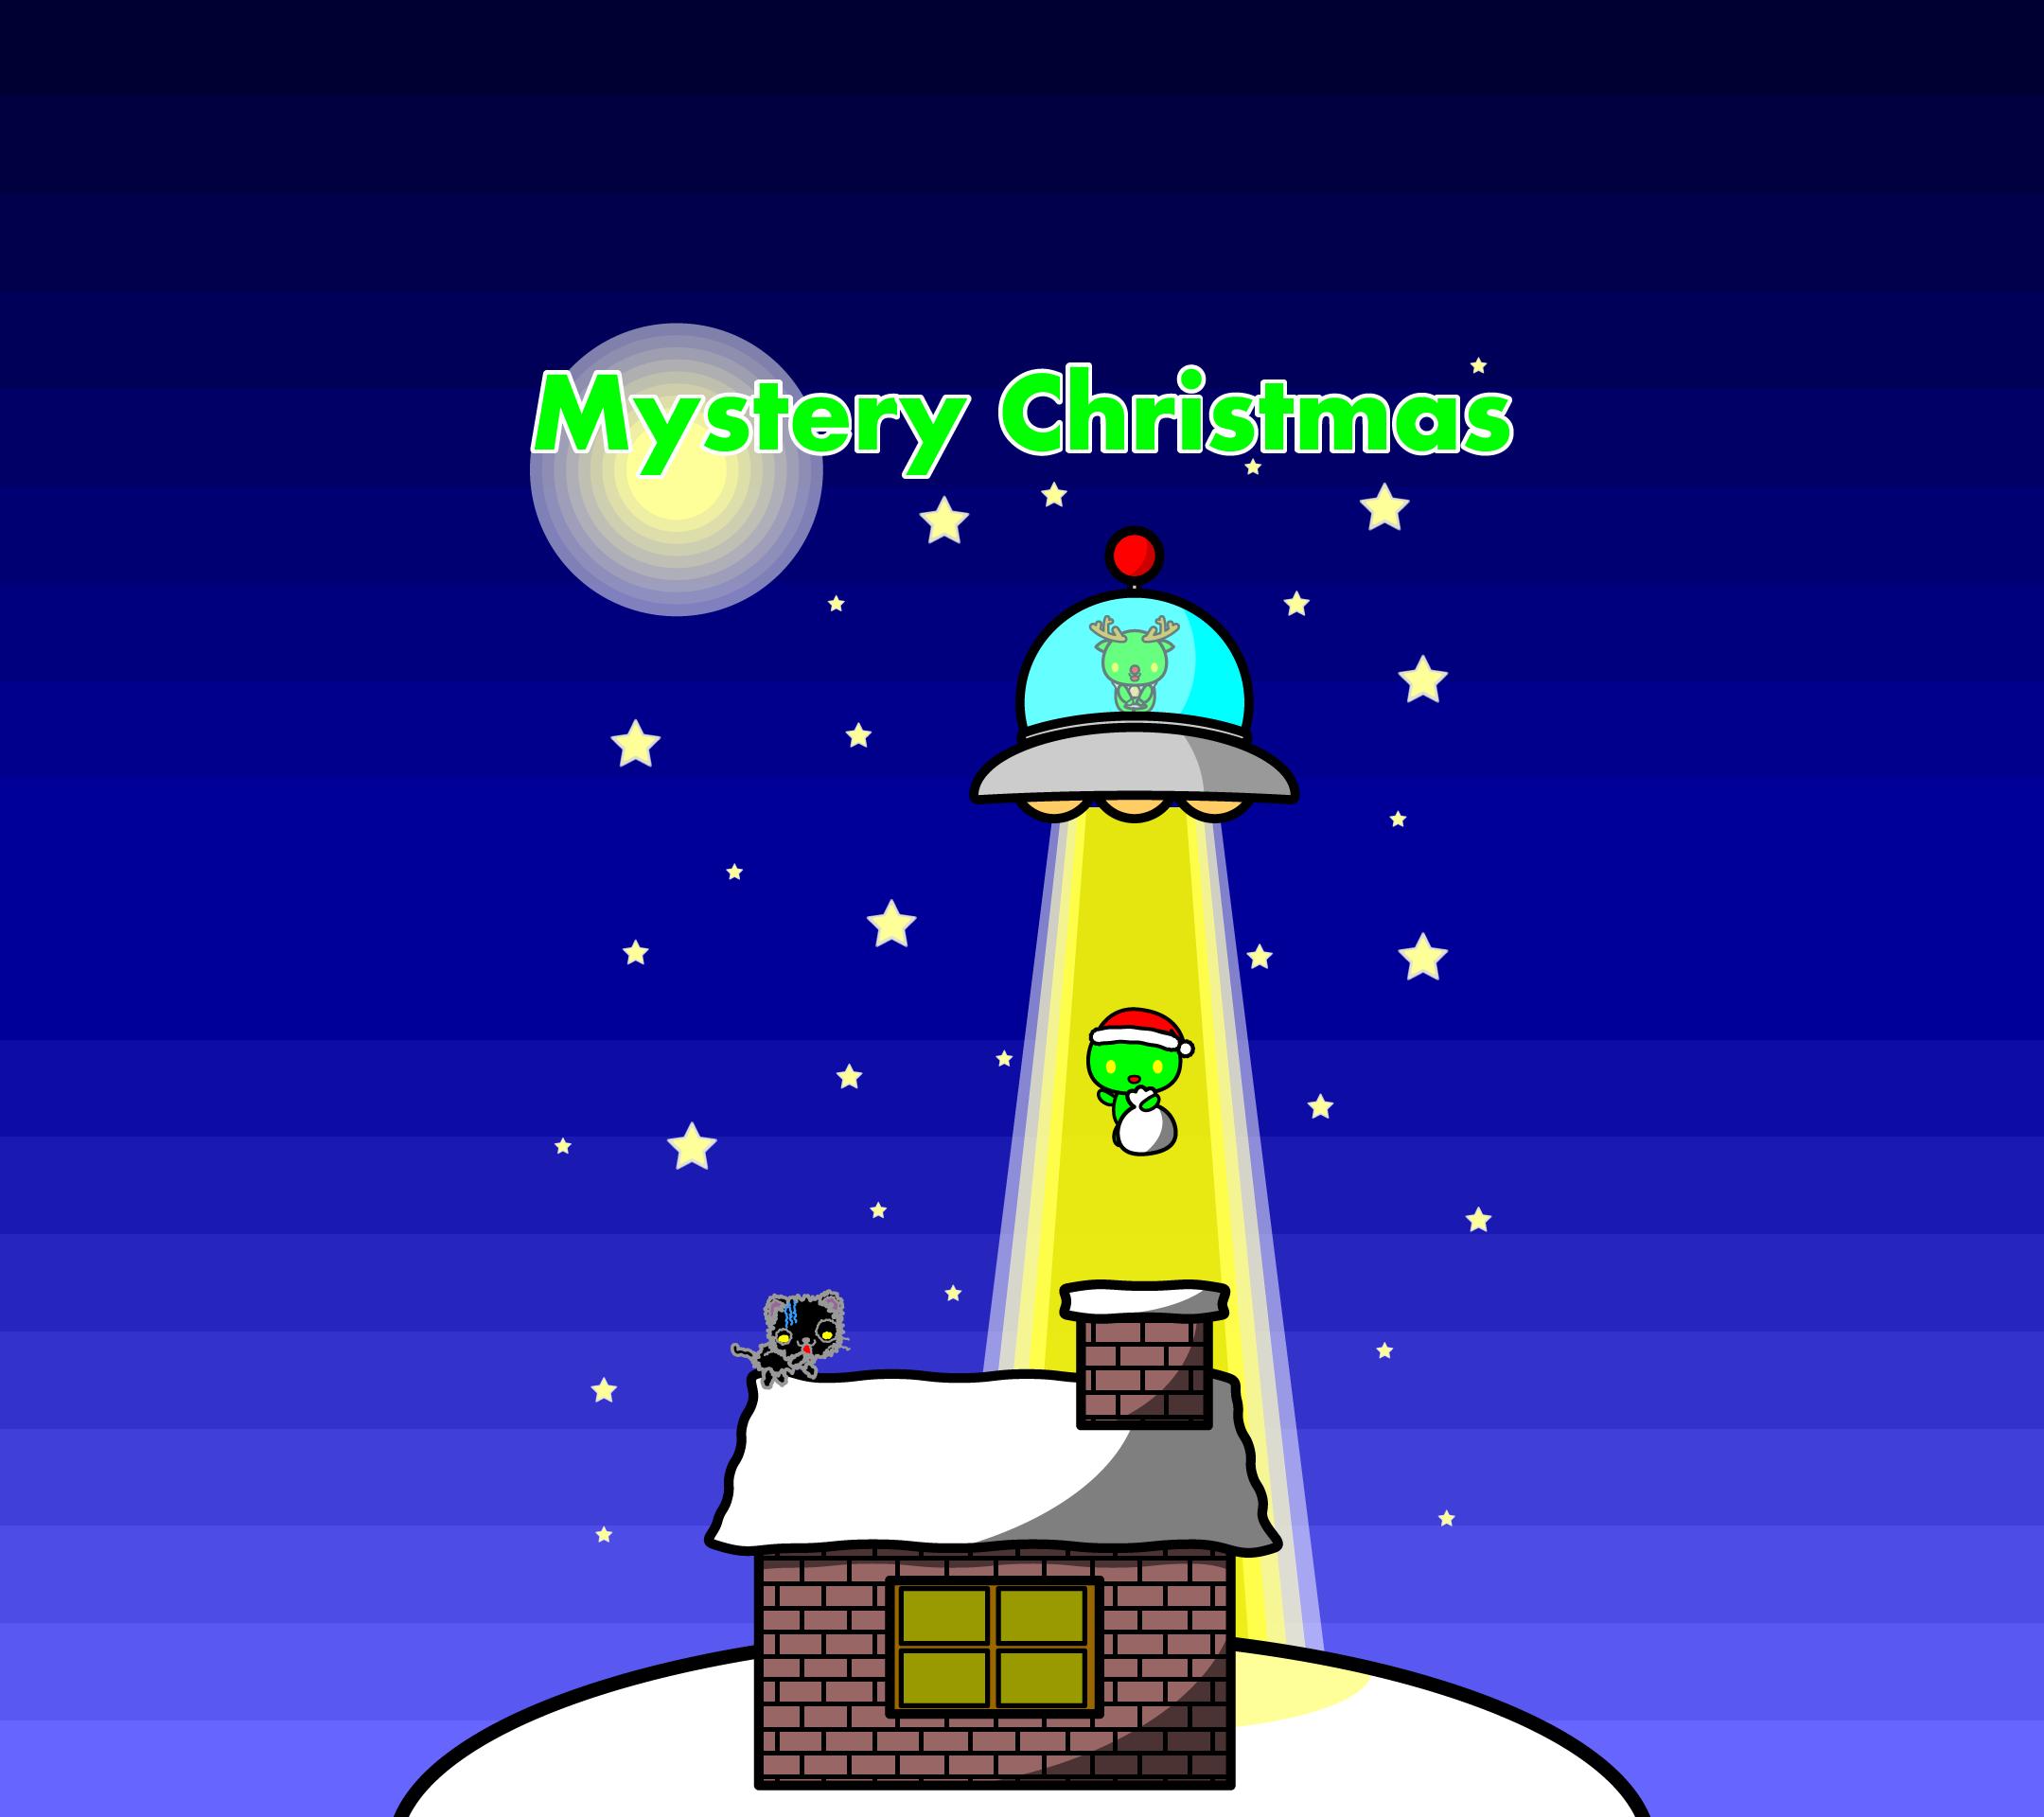 かわいいミステリークリスマス壁紙(Android)の無料イラスト・商用フリー